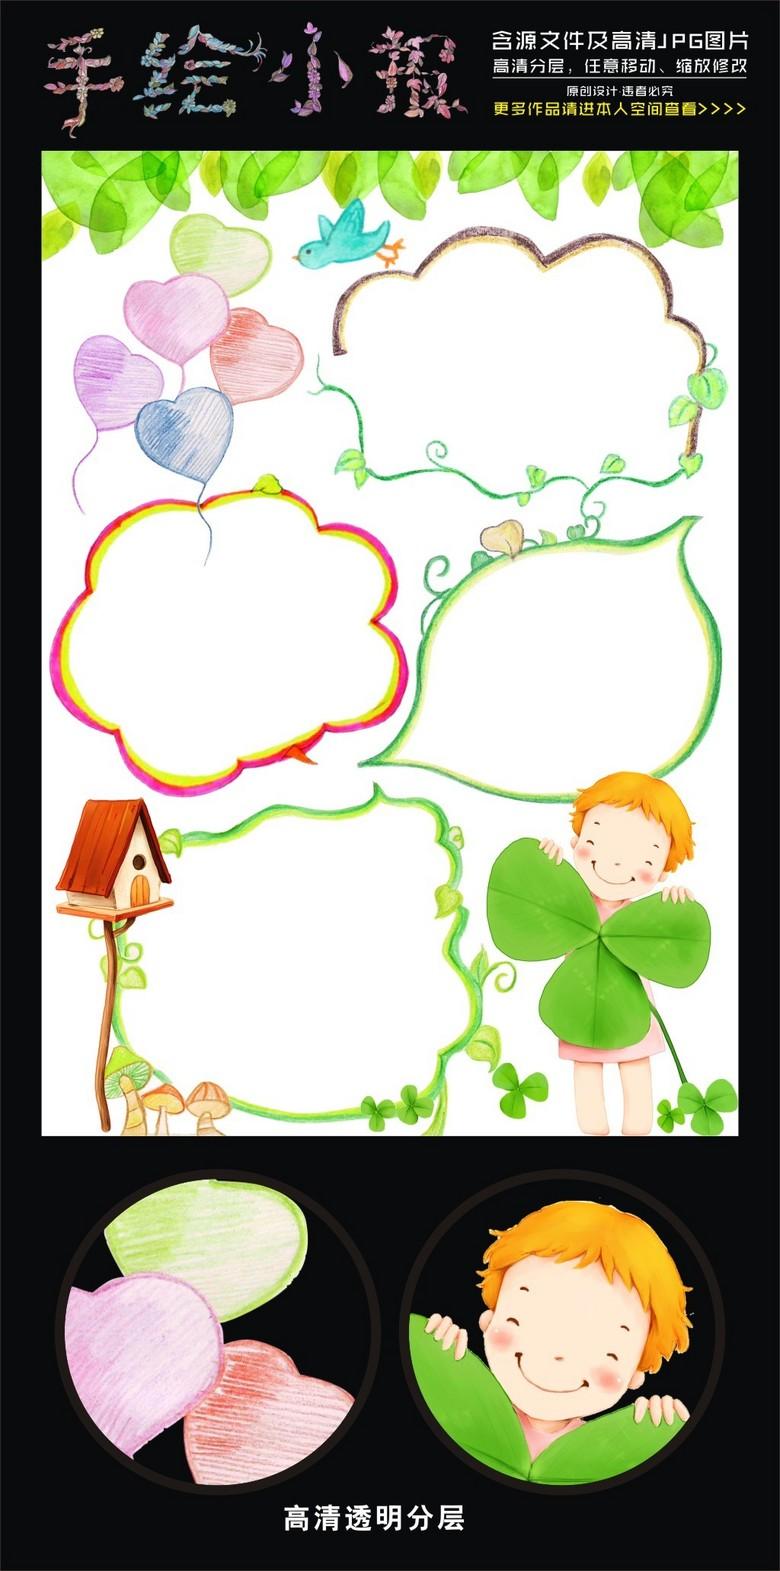 手抄报|小报 其他 空白合集|边框|花边 > 手绘卡通绿色环保小报手抄报